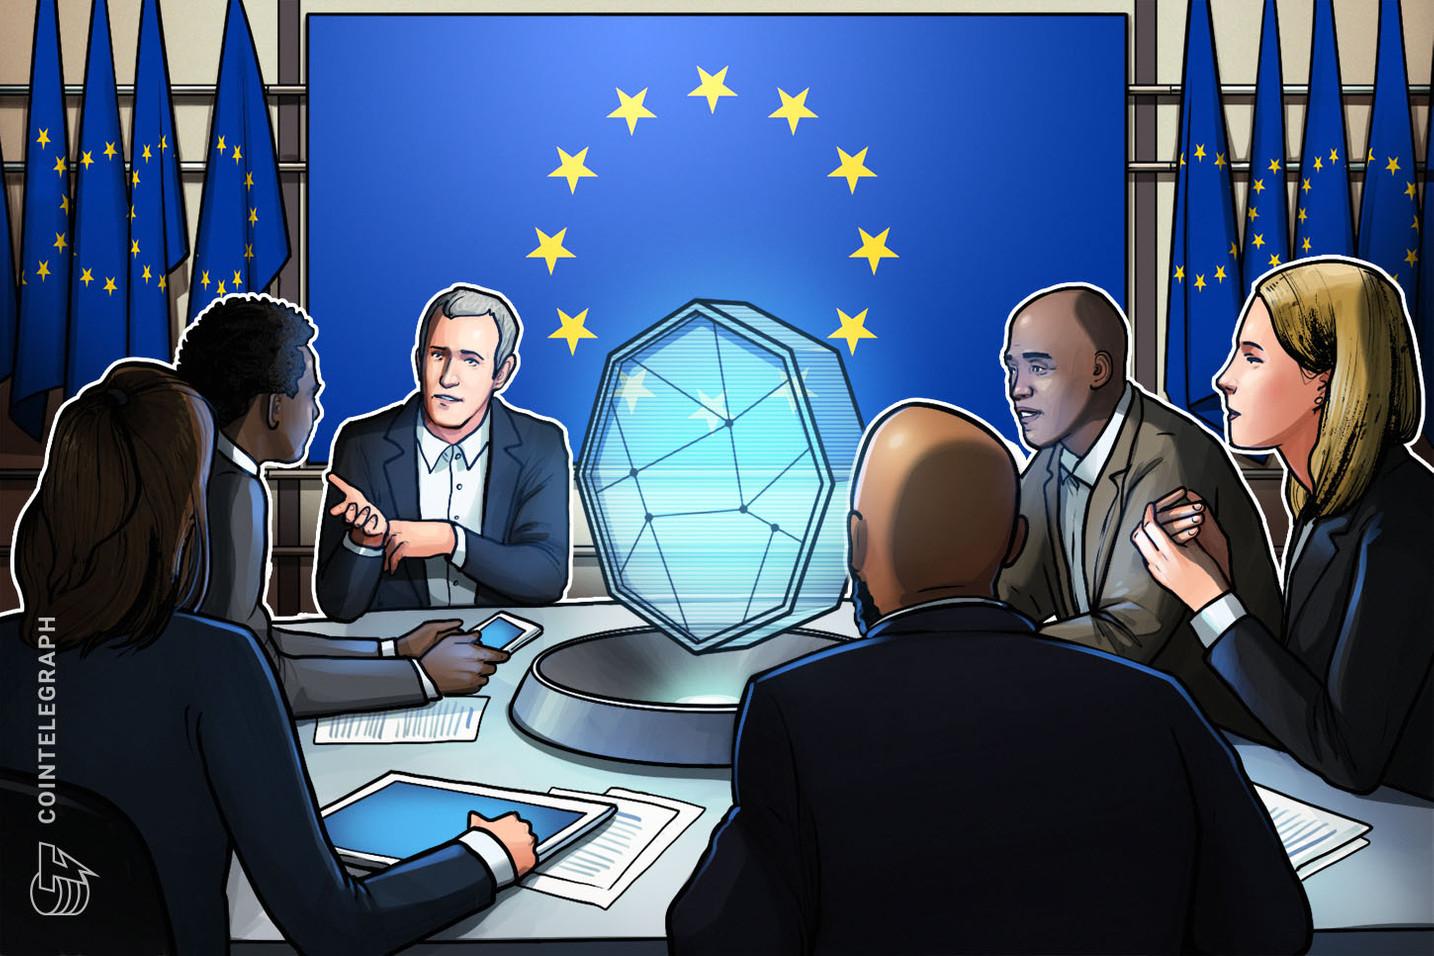 Projeto de lei da União Europeia que sugere a criação da Eurocoin